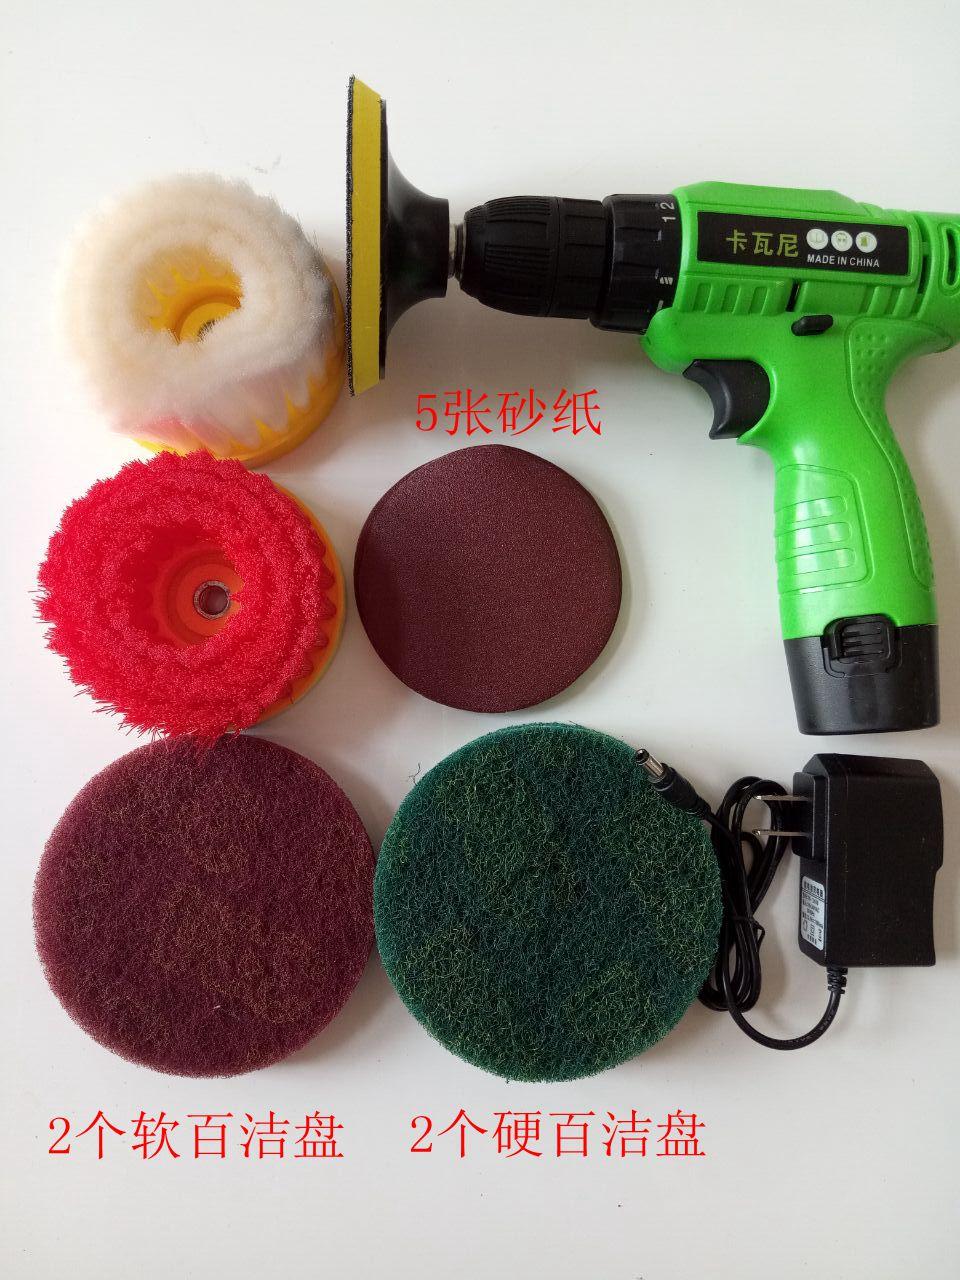 电动清洁机清洗刷充电清洁器家用手持厨房瓷砖木地板家具保养工具